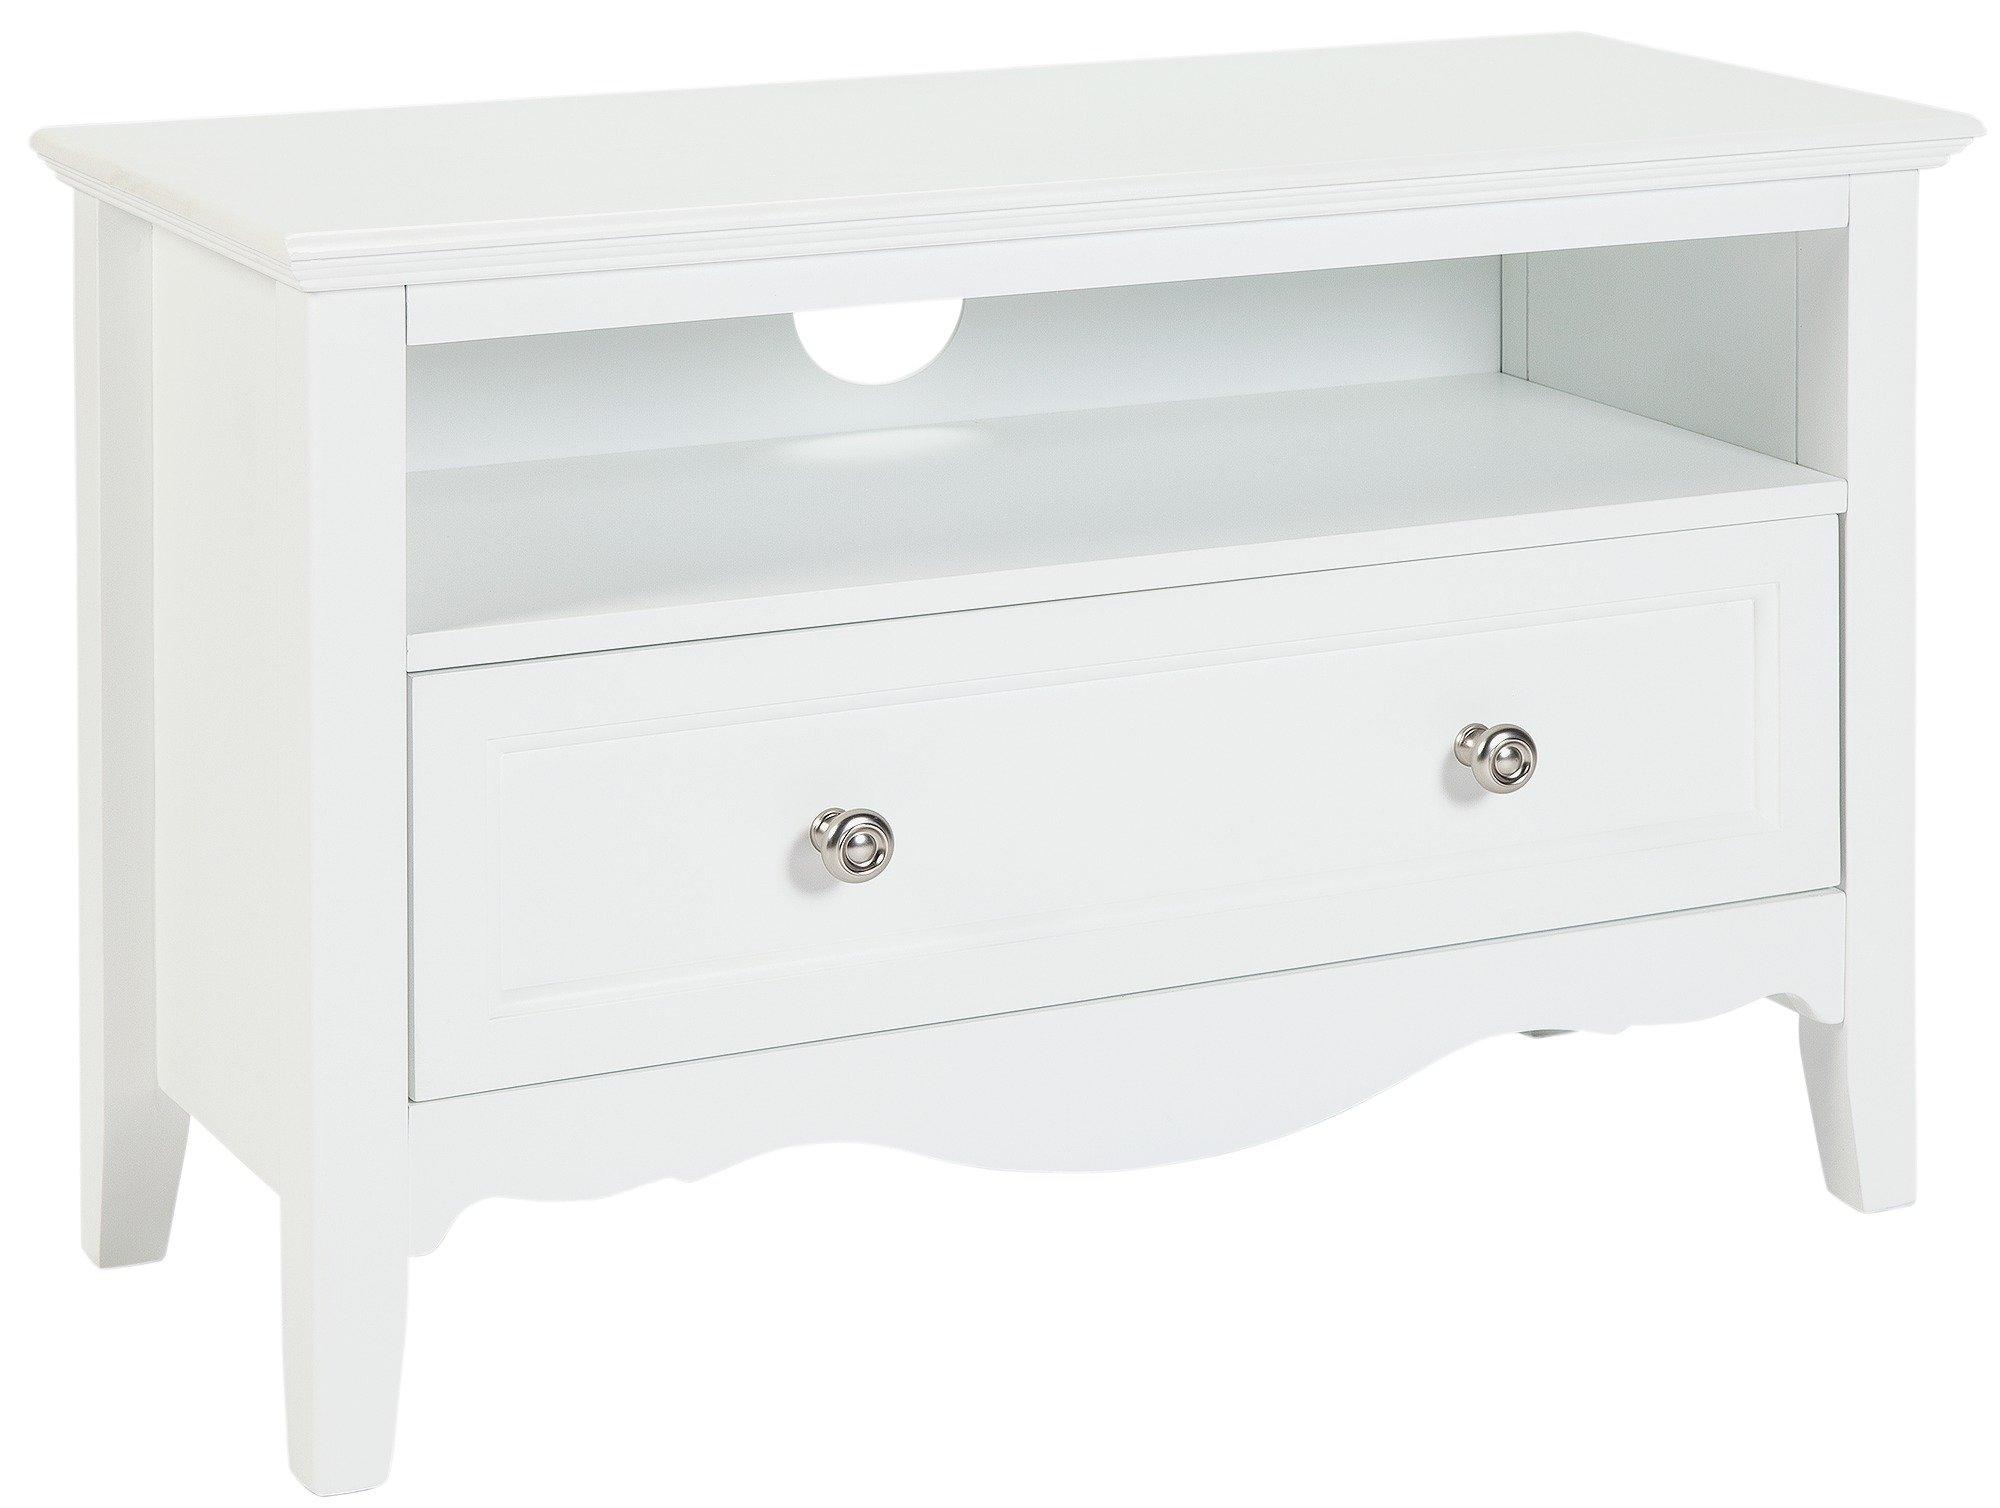 Argos Home Romantic TV Unit - White